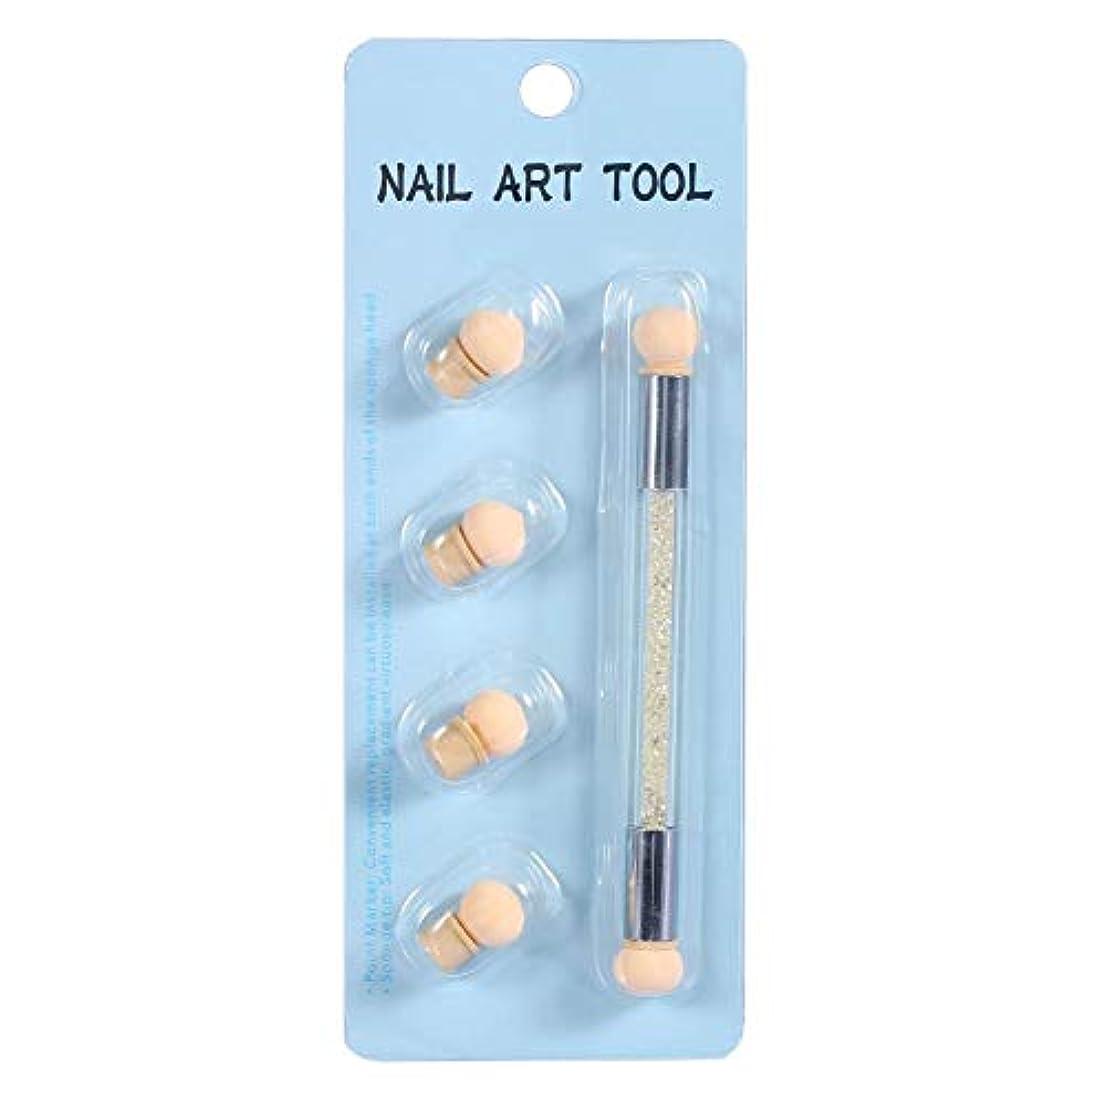 それに応じて基礎おっとネイルアート 4個 交換用 スポンジヘッド ネイルアートスポンジブラシ ネイル筆 ドットペン